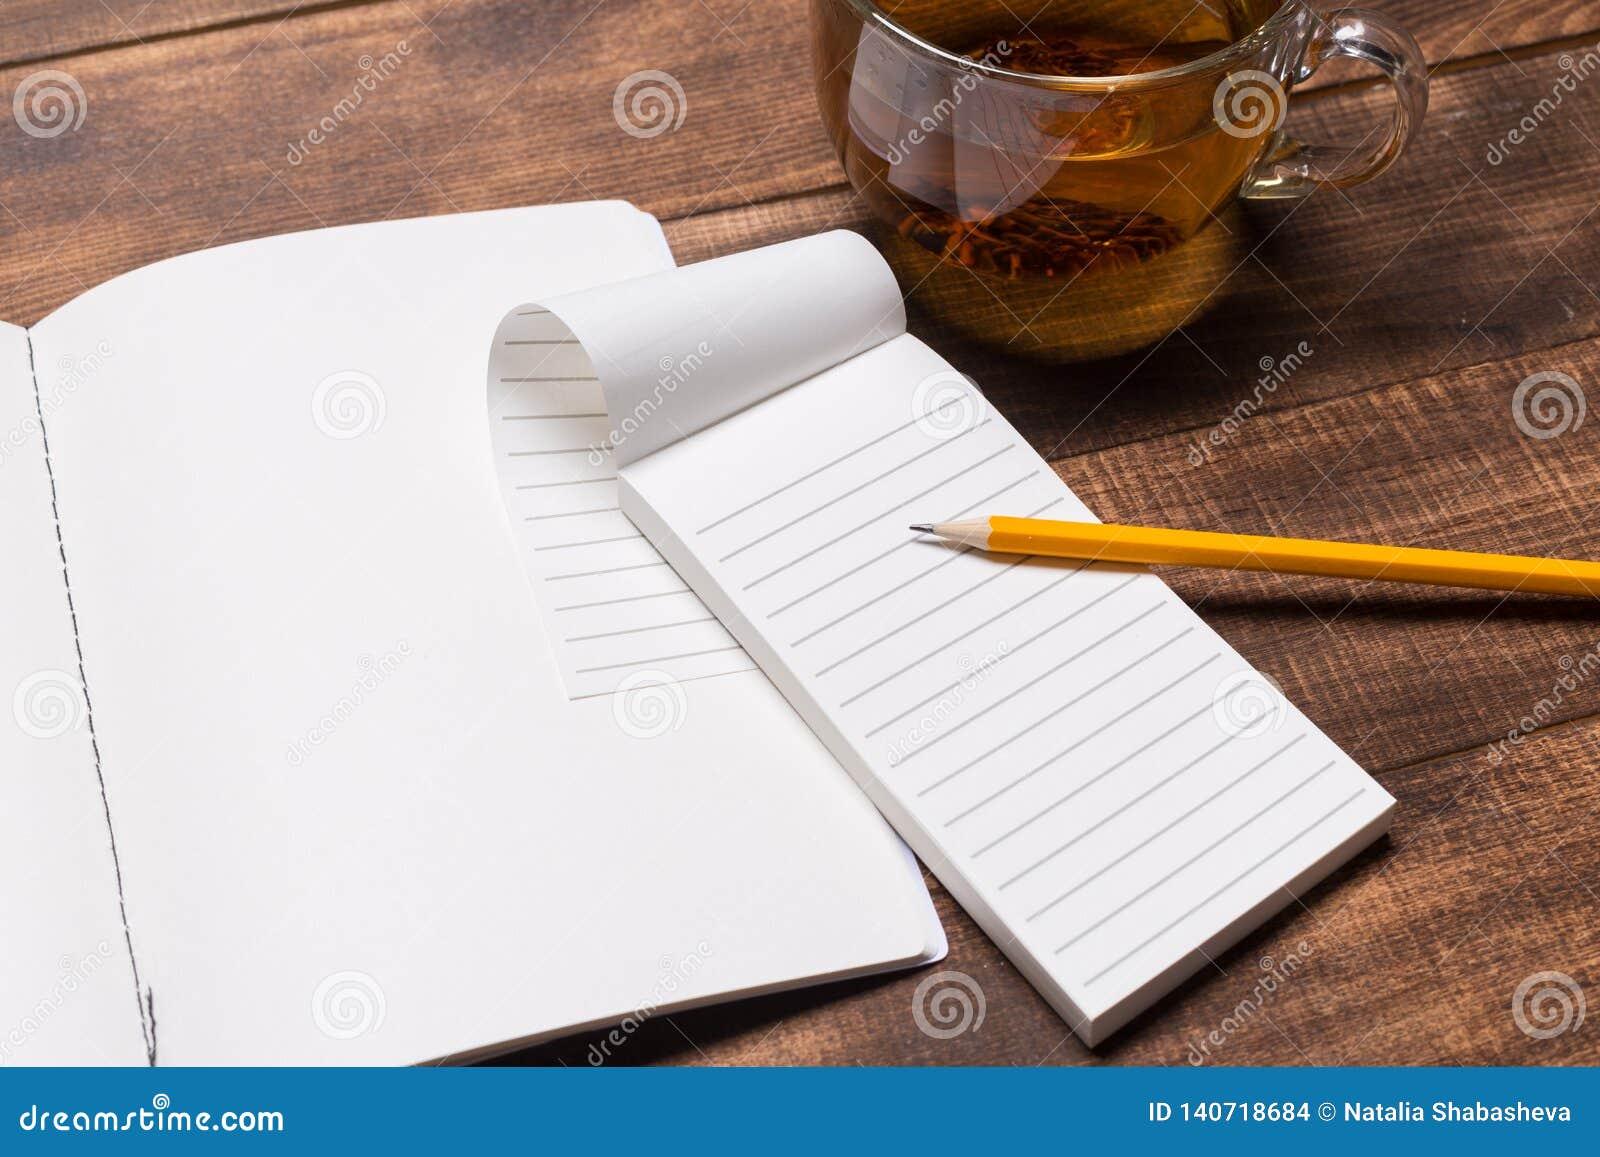 изображение взгляд сверху открытой тетради с пустыми страницами рядом с чашкой кофе на деревянном столе Модель-макет